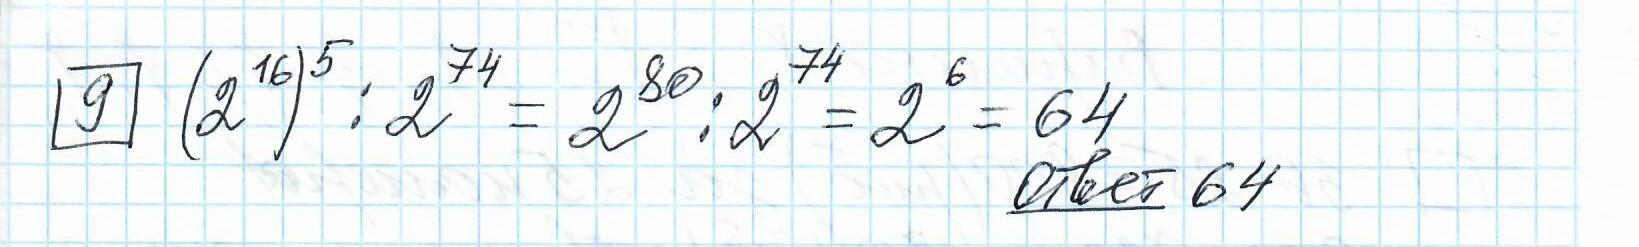 Задние 9, Вариант 8, решение и ответ - Ященко ЕГЭ 2019 математика профиль 36 вариантов